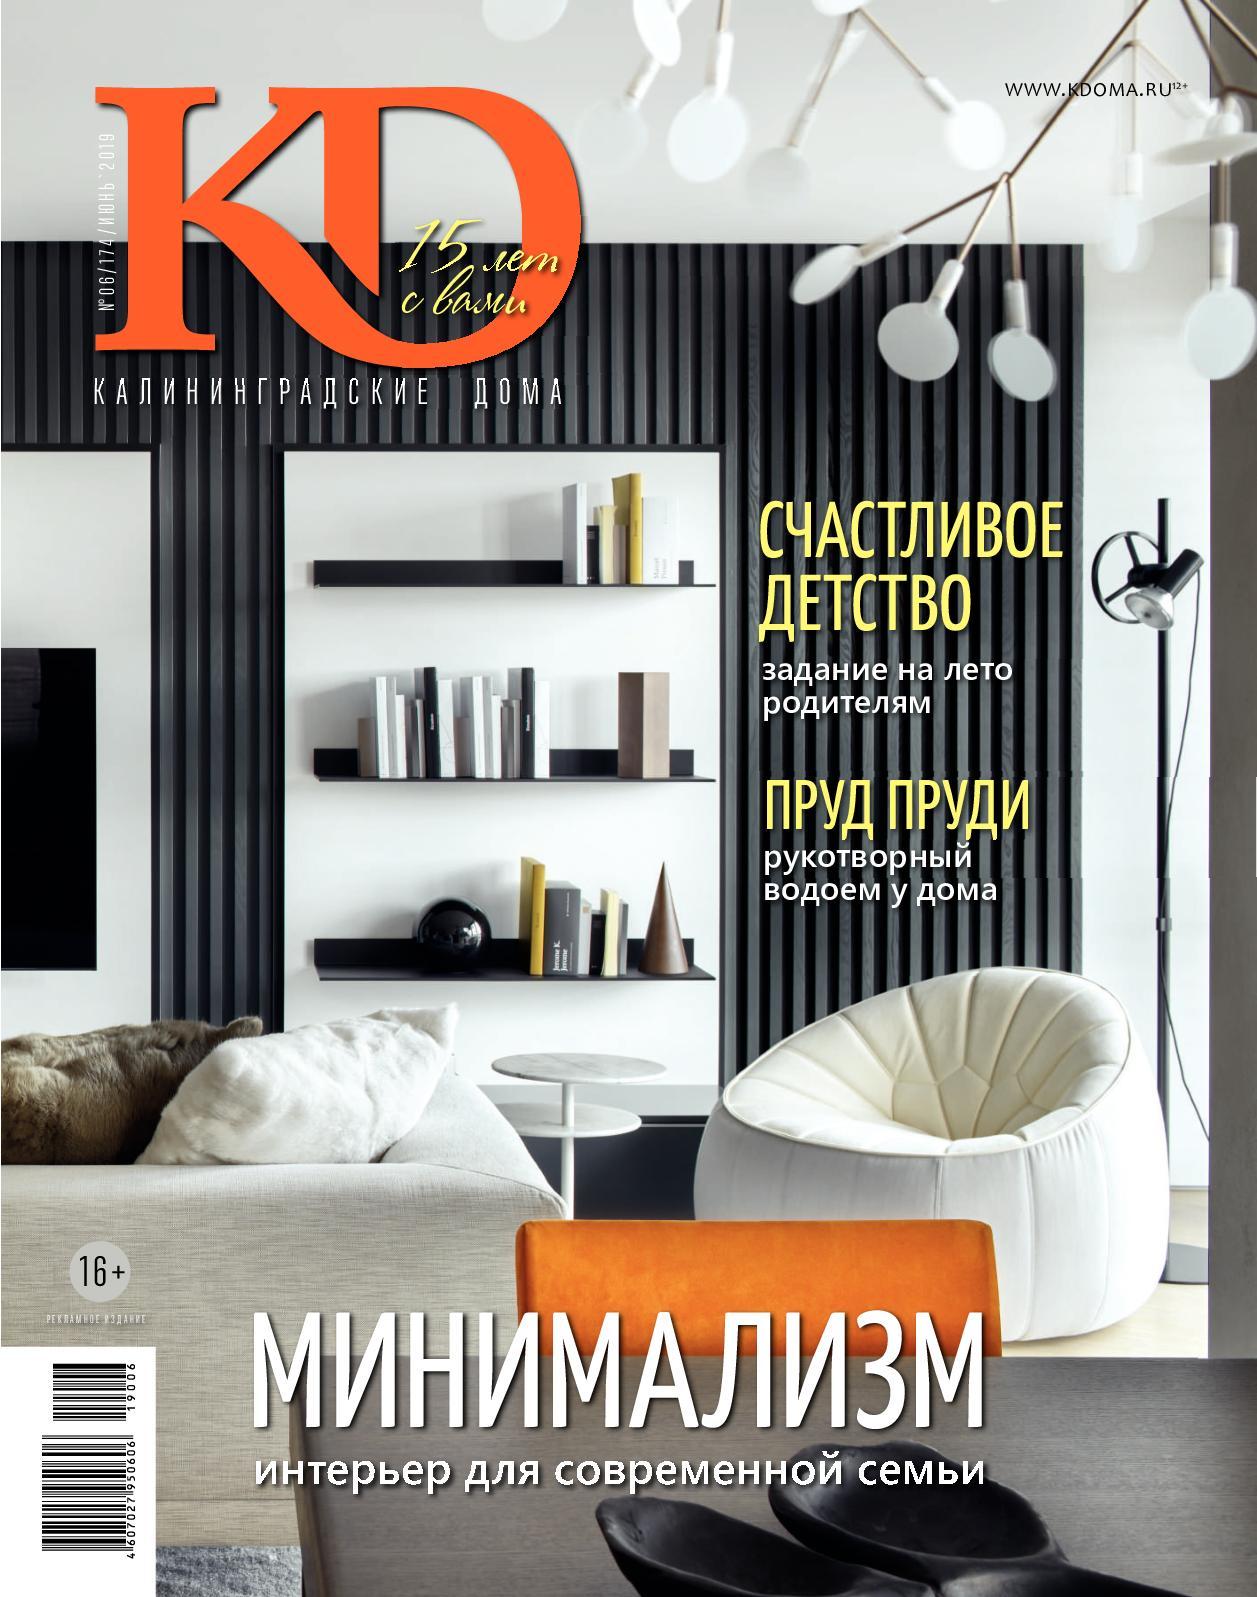 Геометрия в интерьере +60 фото примеров в дизайне